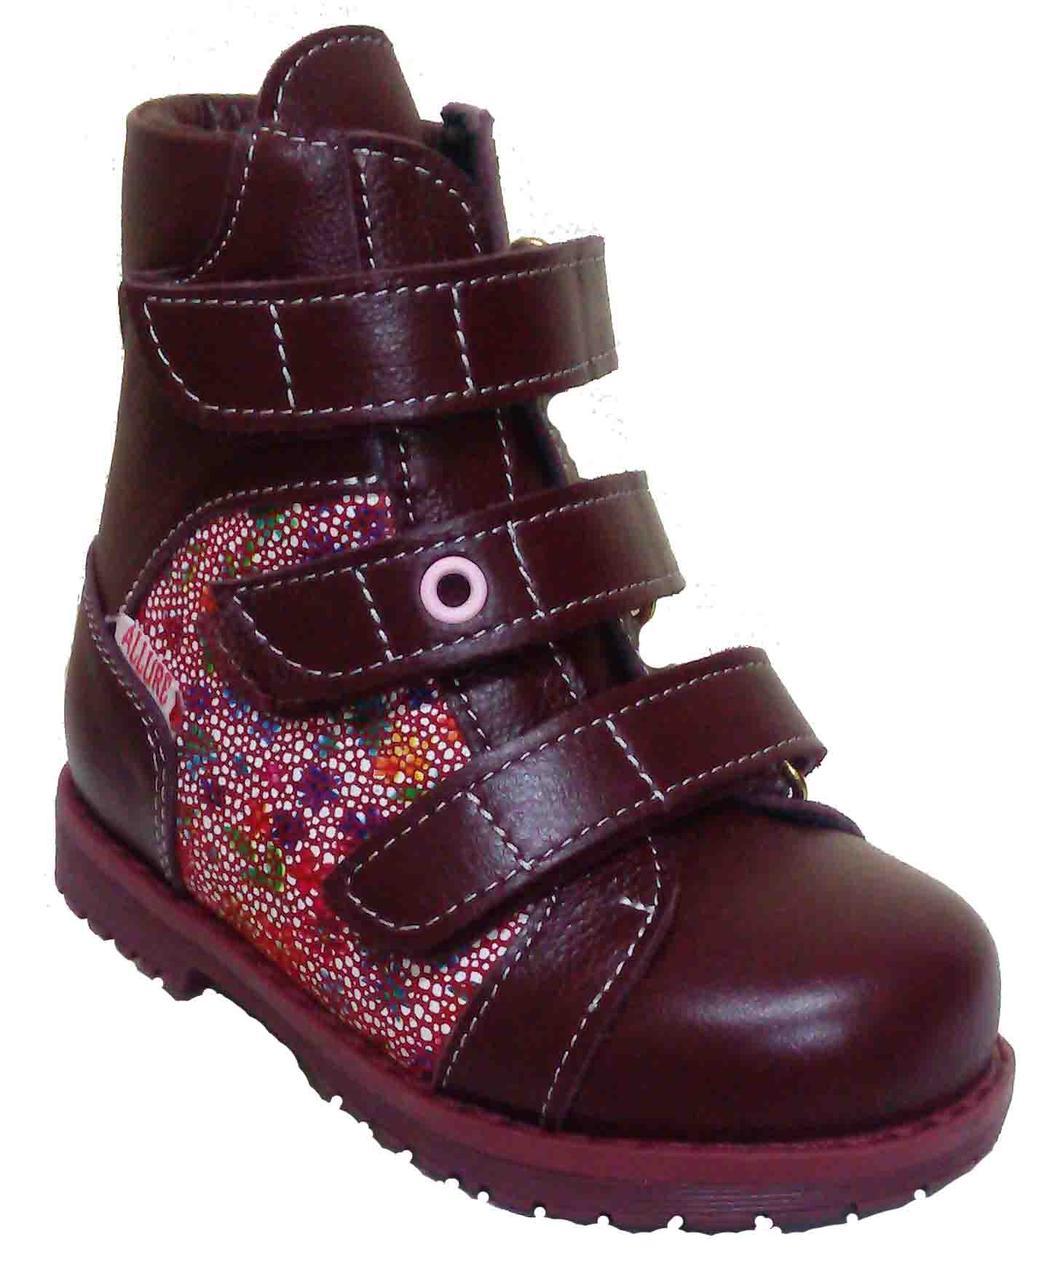 03fc5a78a Зимние ортопедические ботинки - Интернет-магазин